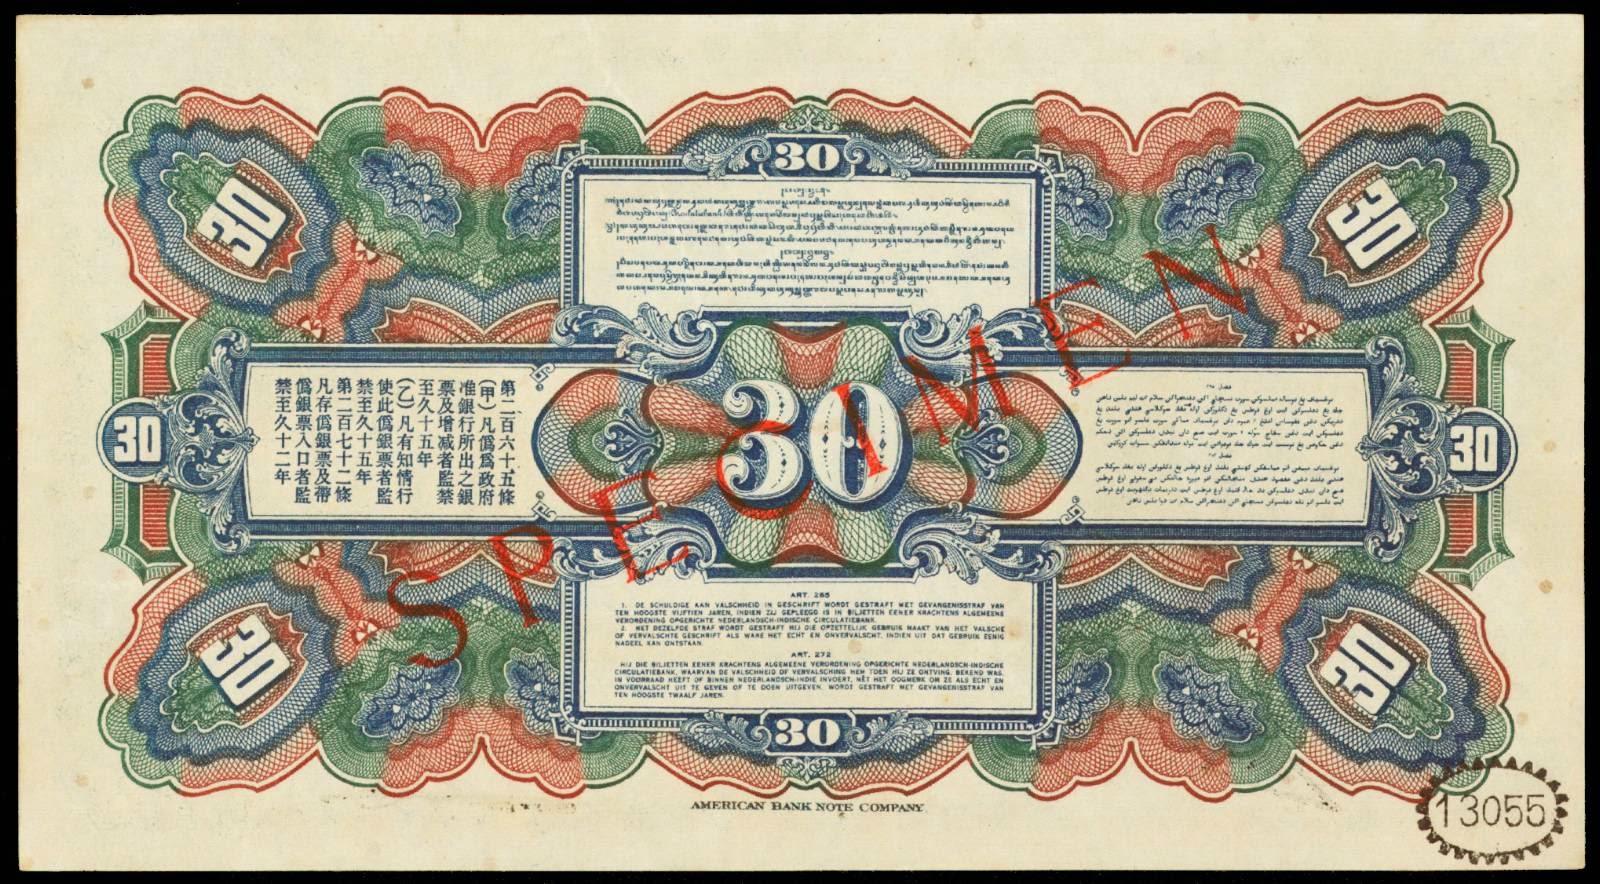 Netherlands Indies paper money 30 Gulden note 1921